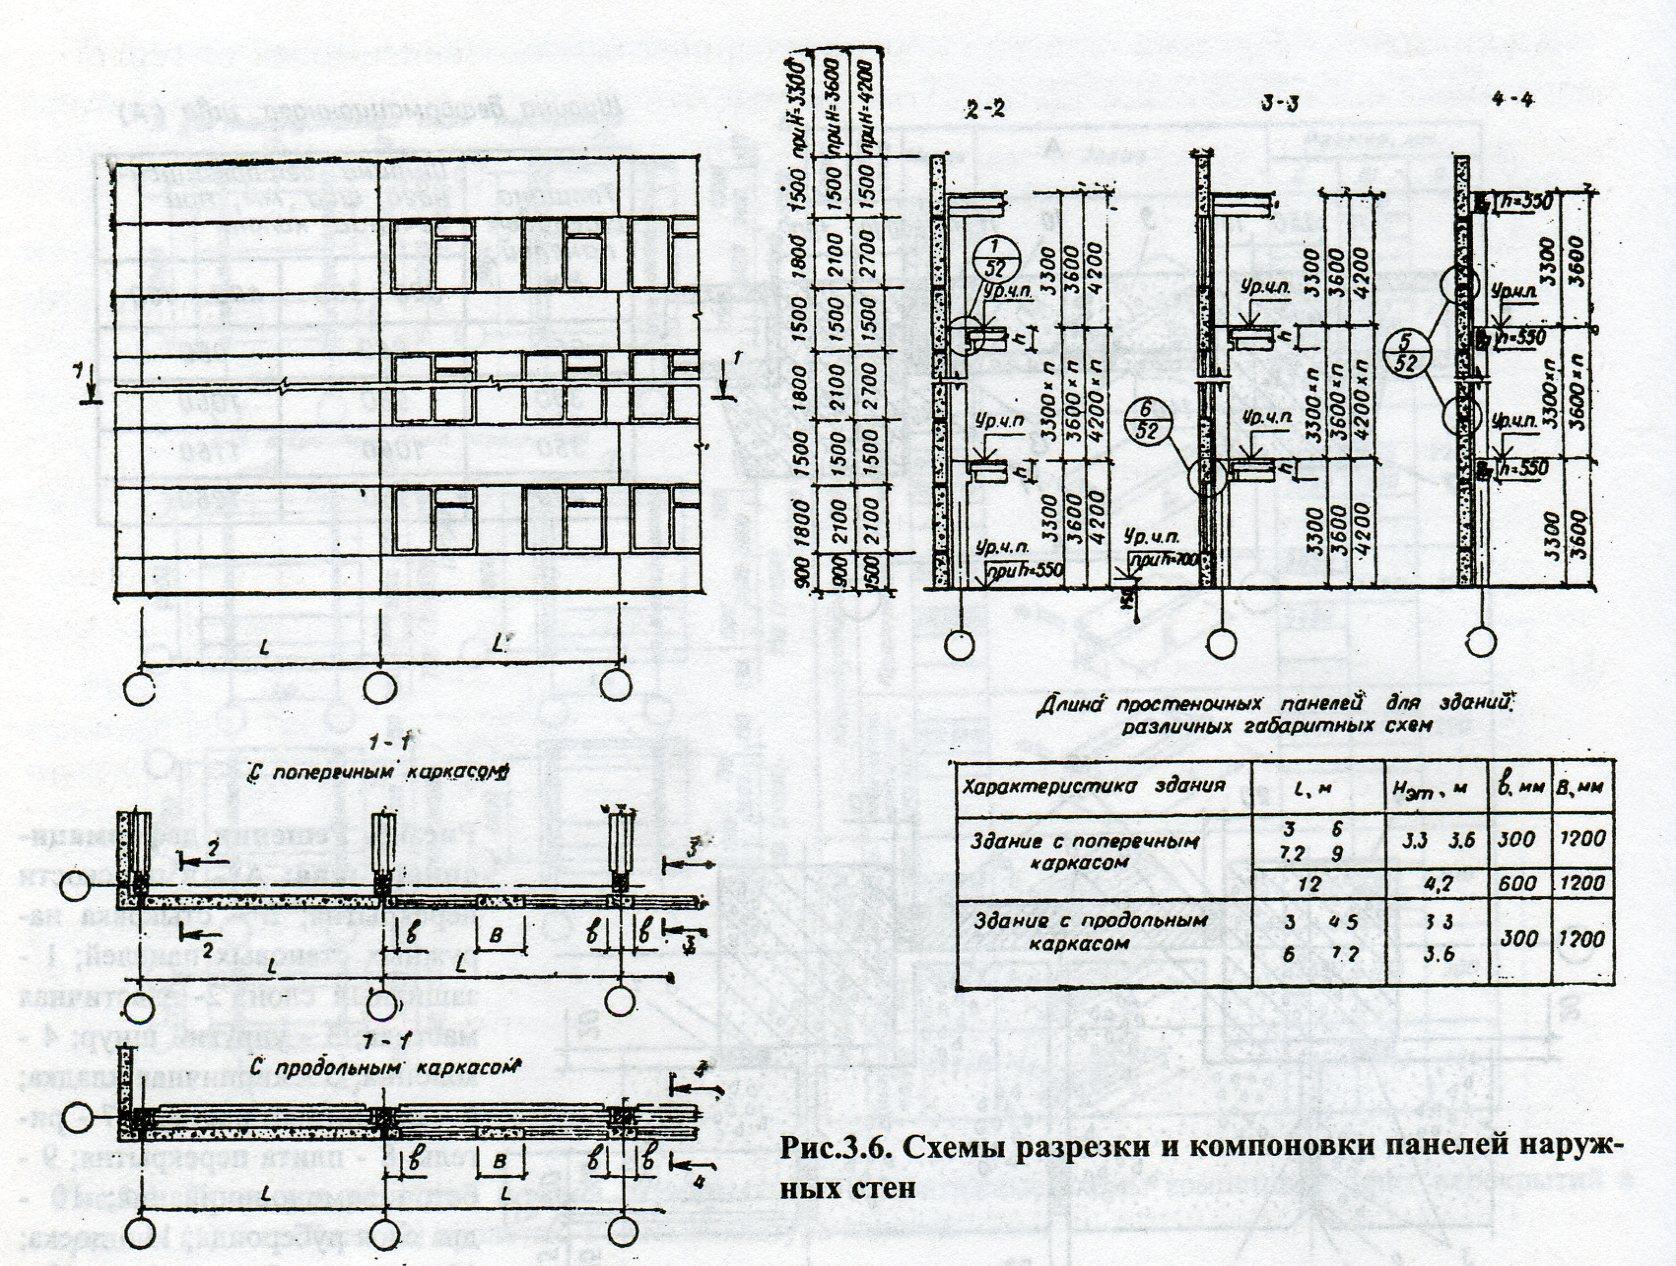 Мастика для панельного домостроения немецкие станки для окраски мебельных фасадов